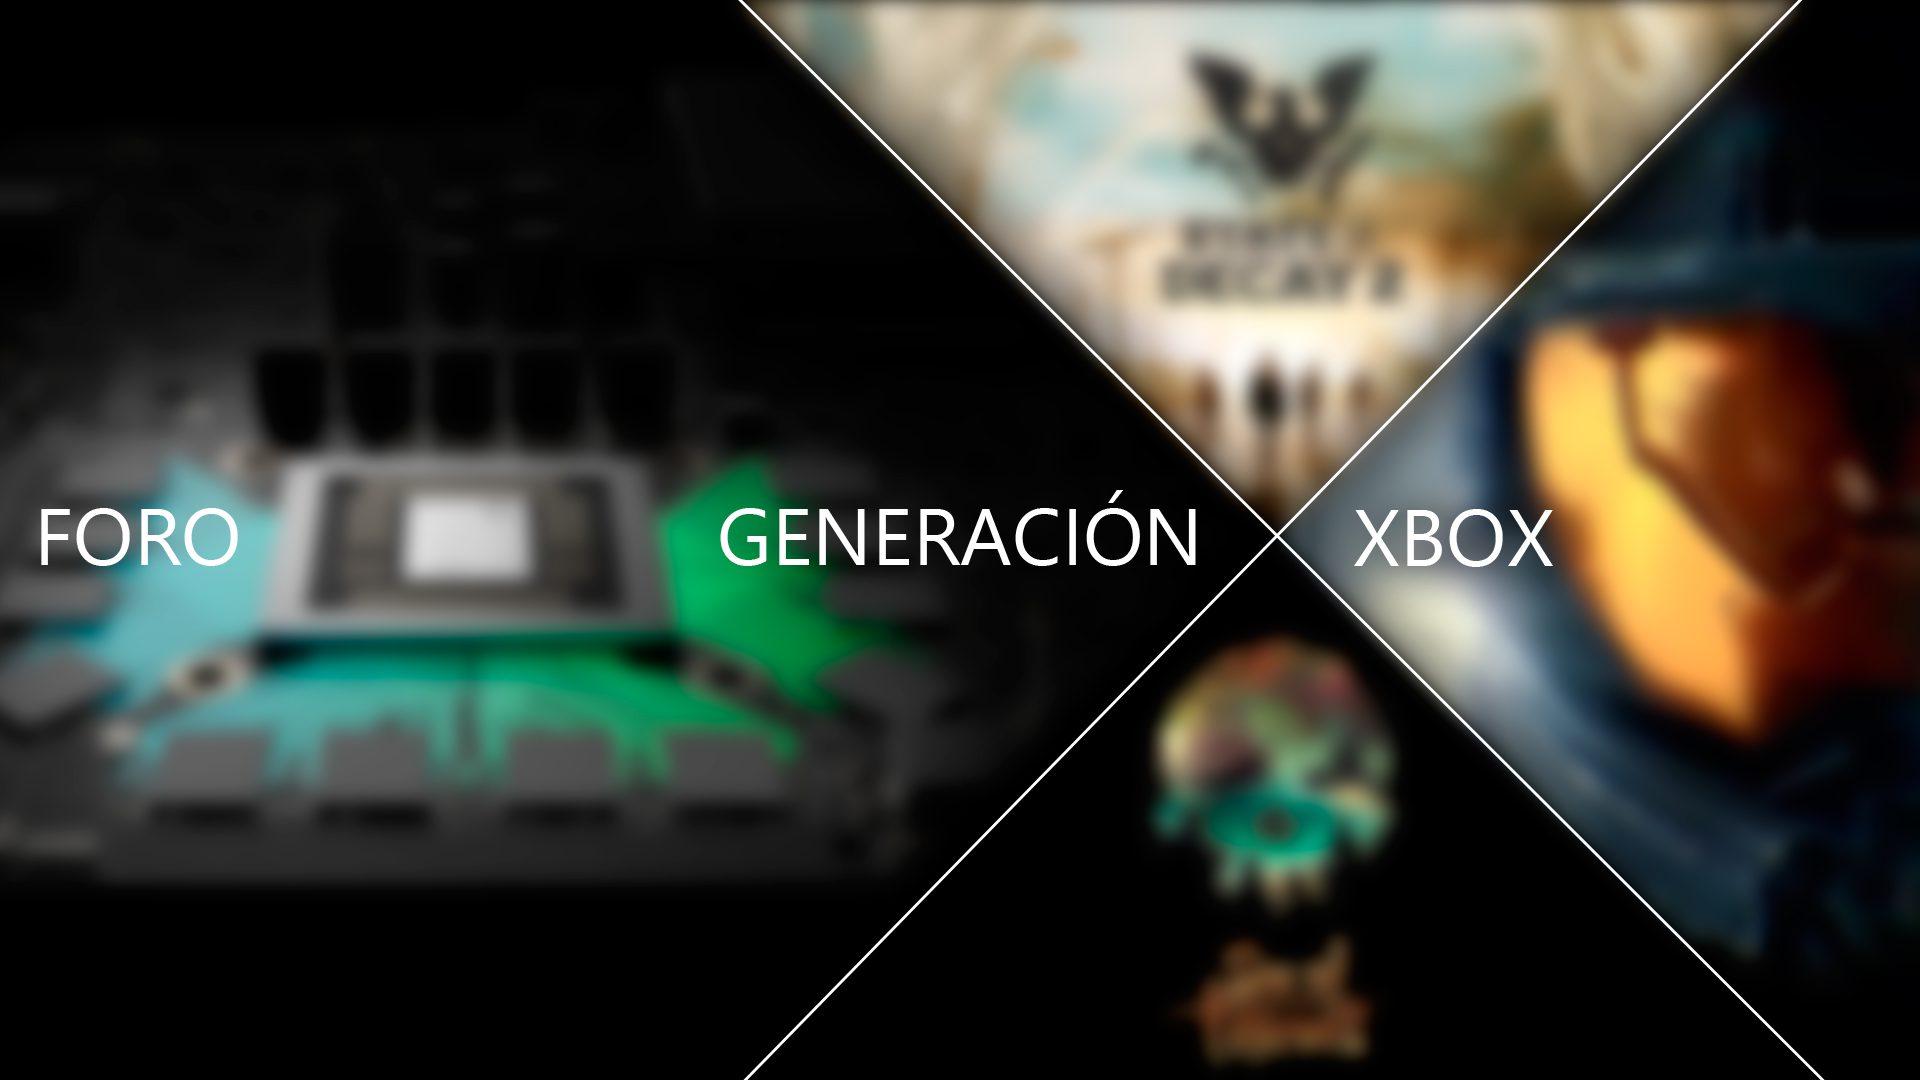 La aplicación de VLC ya disponible en Xbox One - Generacion Xbox